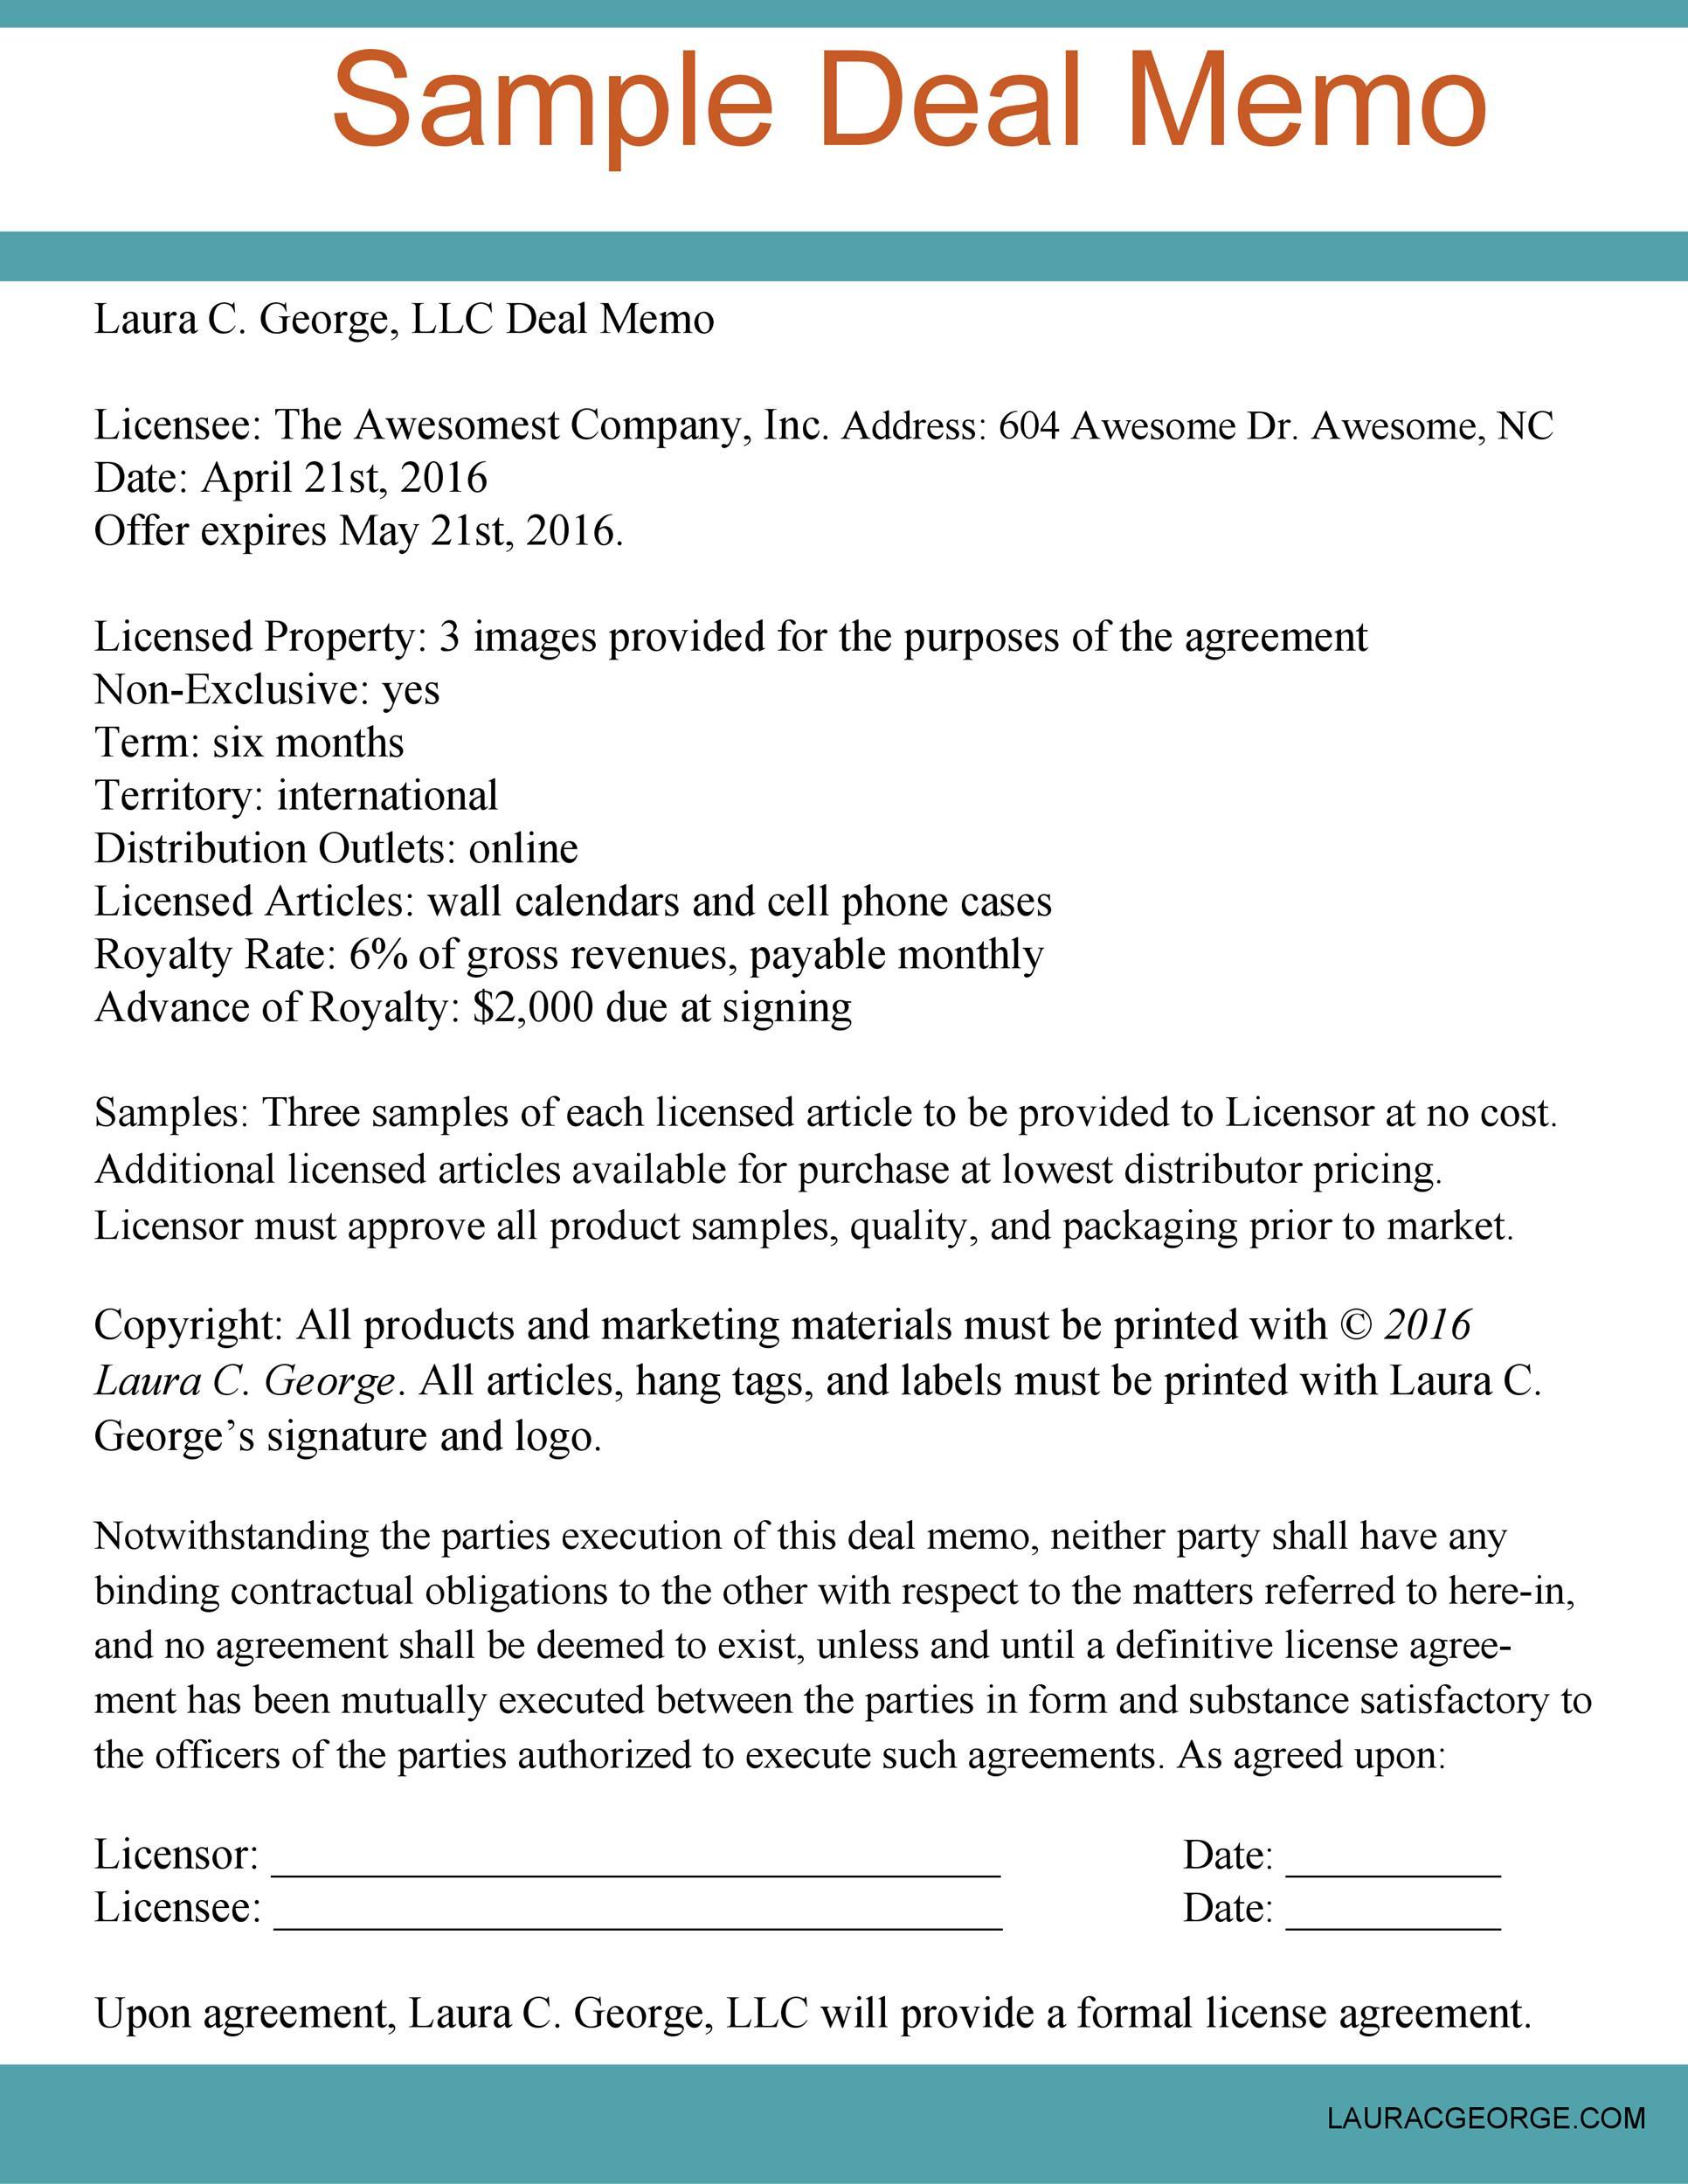 Free deal memo template 19